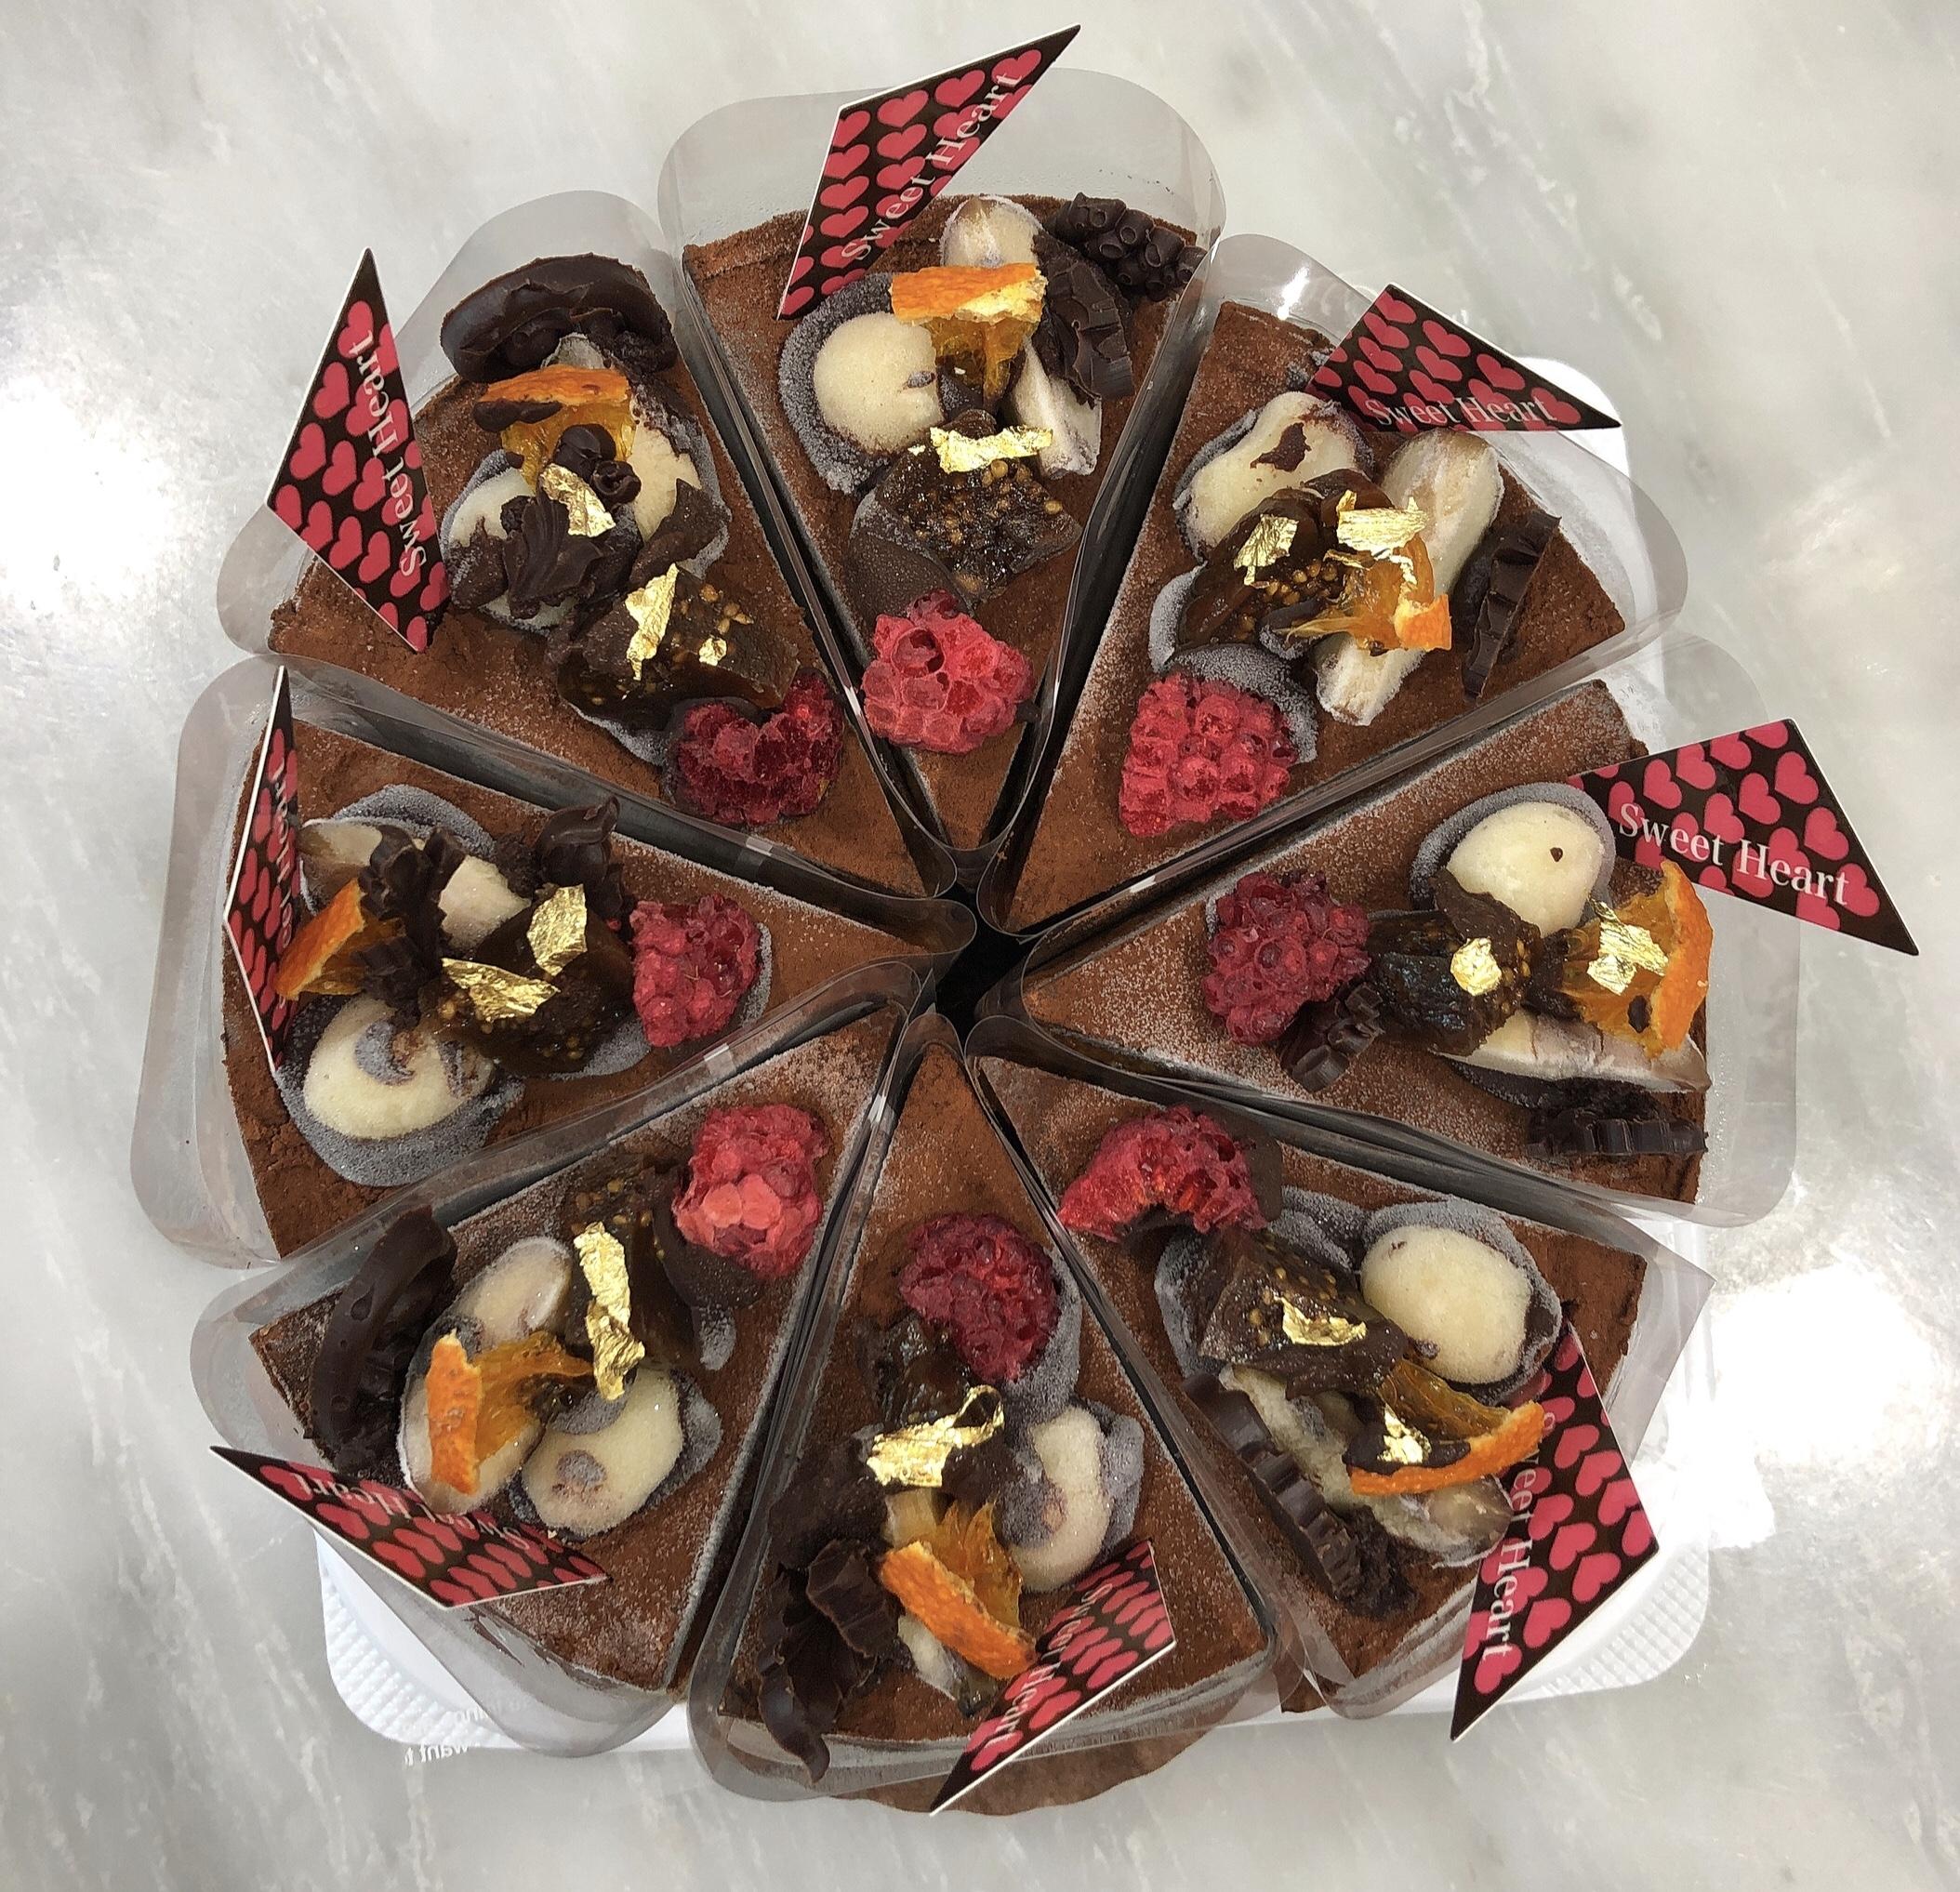 <Rawケーキ>プレミアム チョコレートケーキ  12cmホール (8カット)